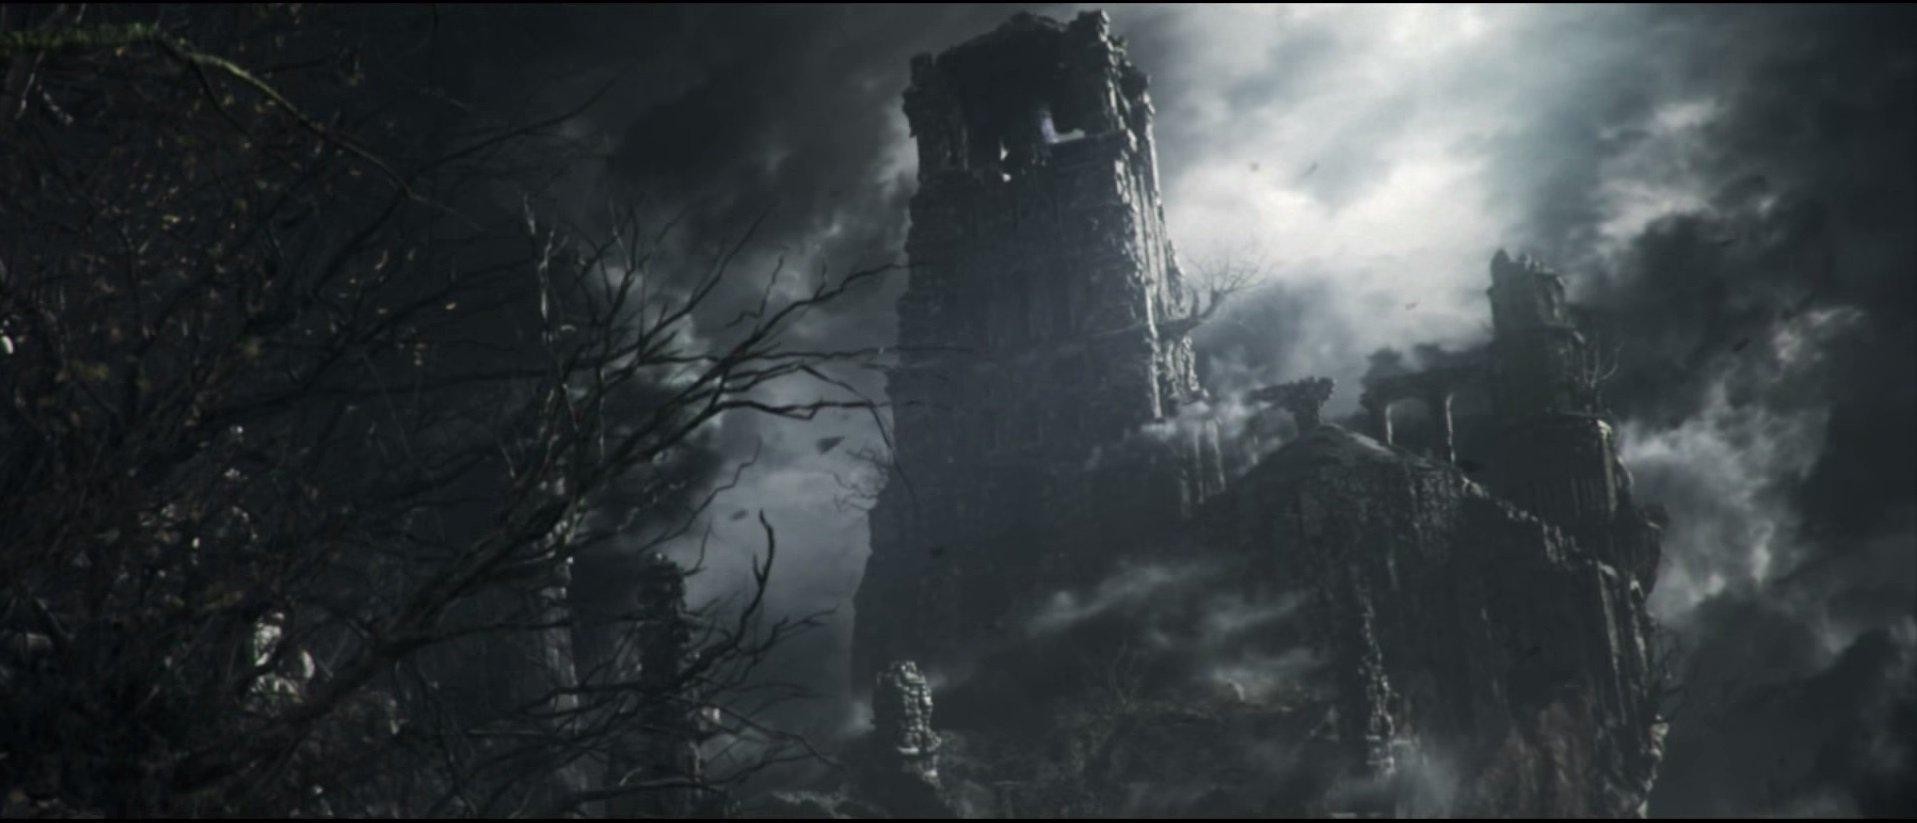 Не украденное рассмотрение трейлера Dark Souls 3. - Изображение 4